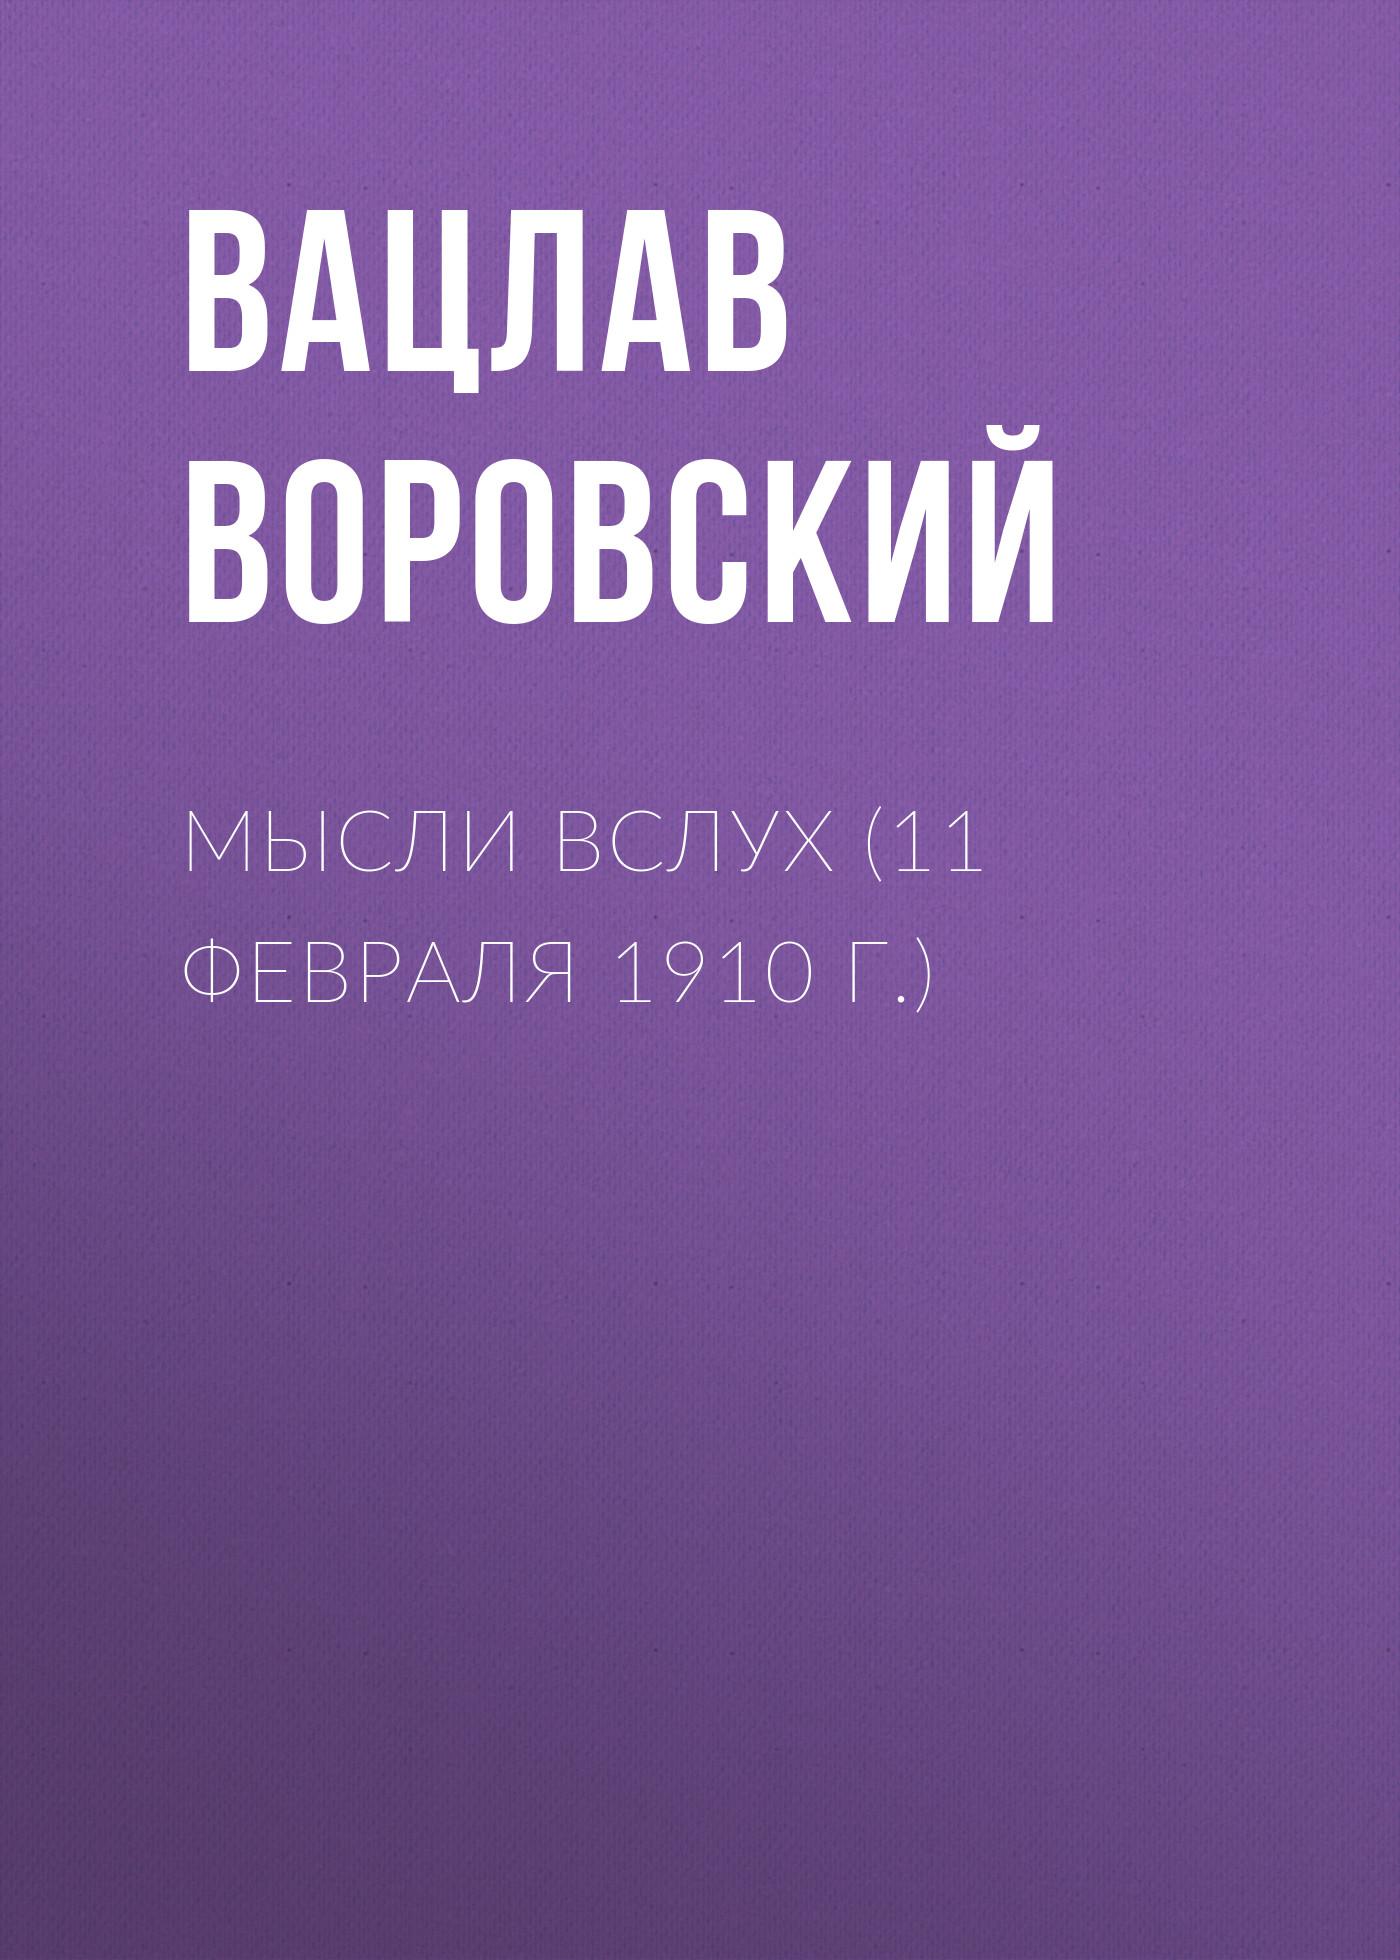 Вацлав Воровский Мысли вслух (11 февраля 1910 г.) вацлав воровский мысли вслух 15 января 1910 г